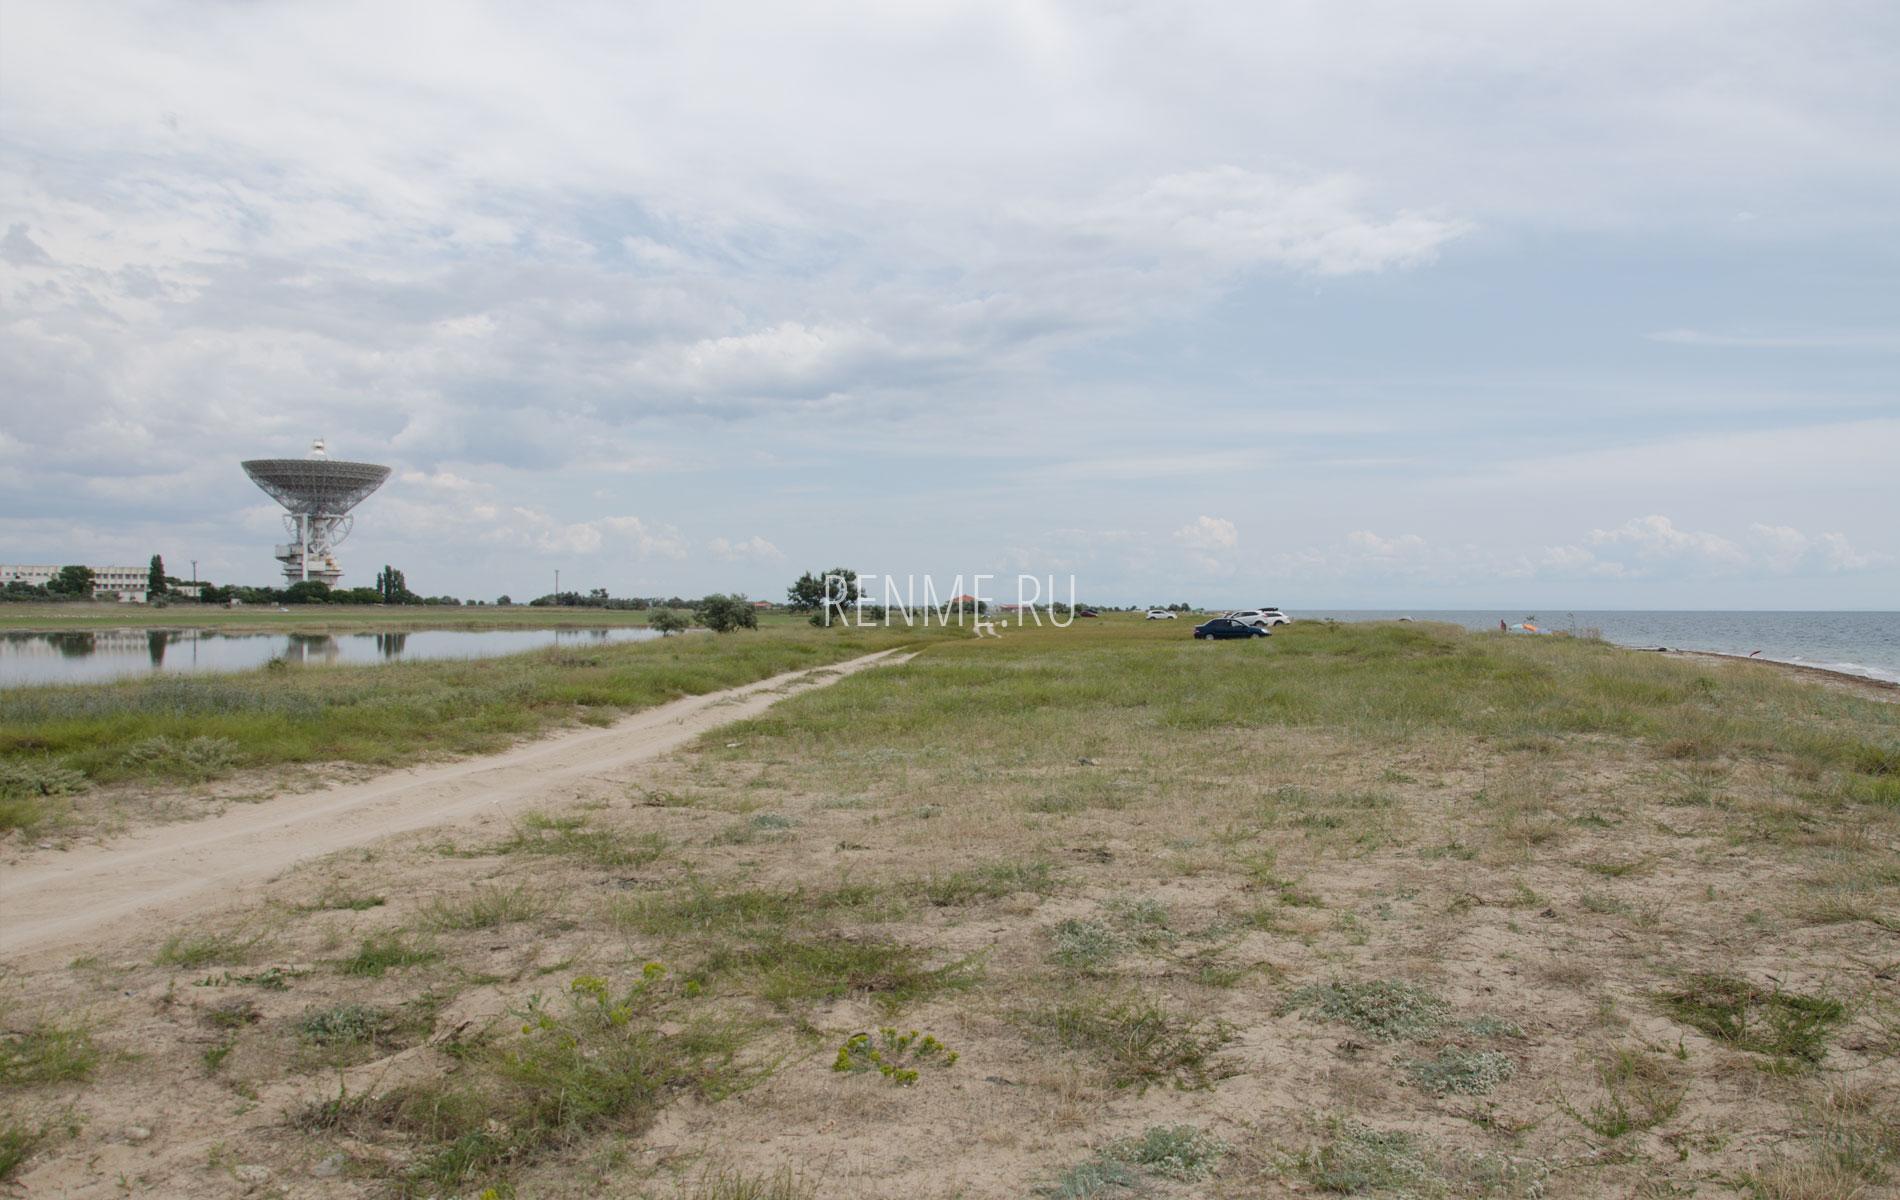 Дикий пляж рядом. Фото Молочного